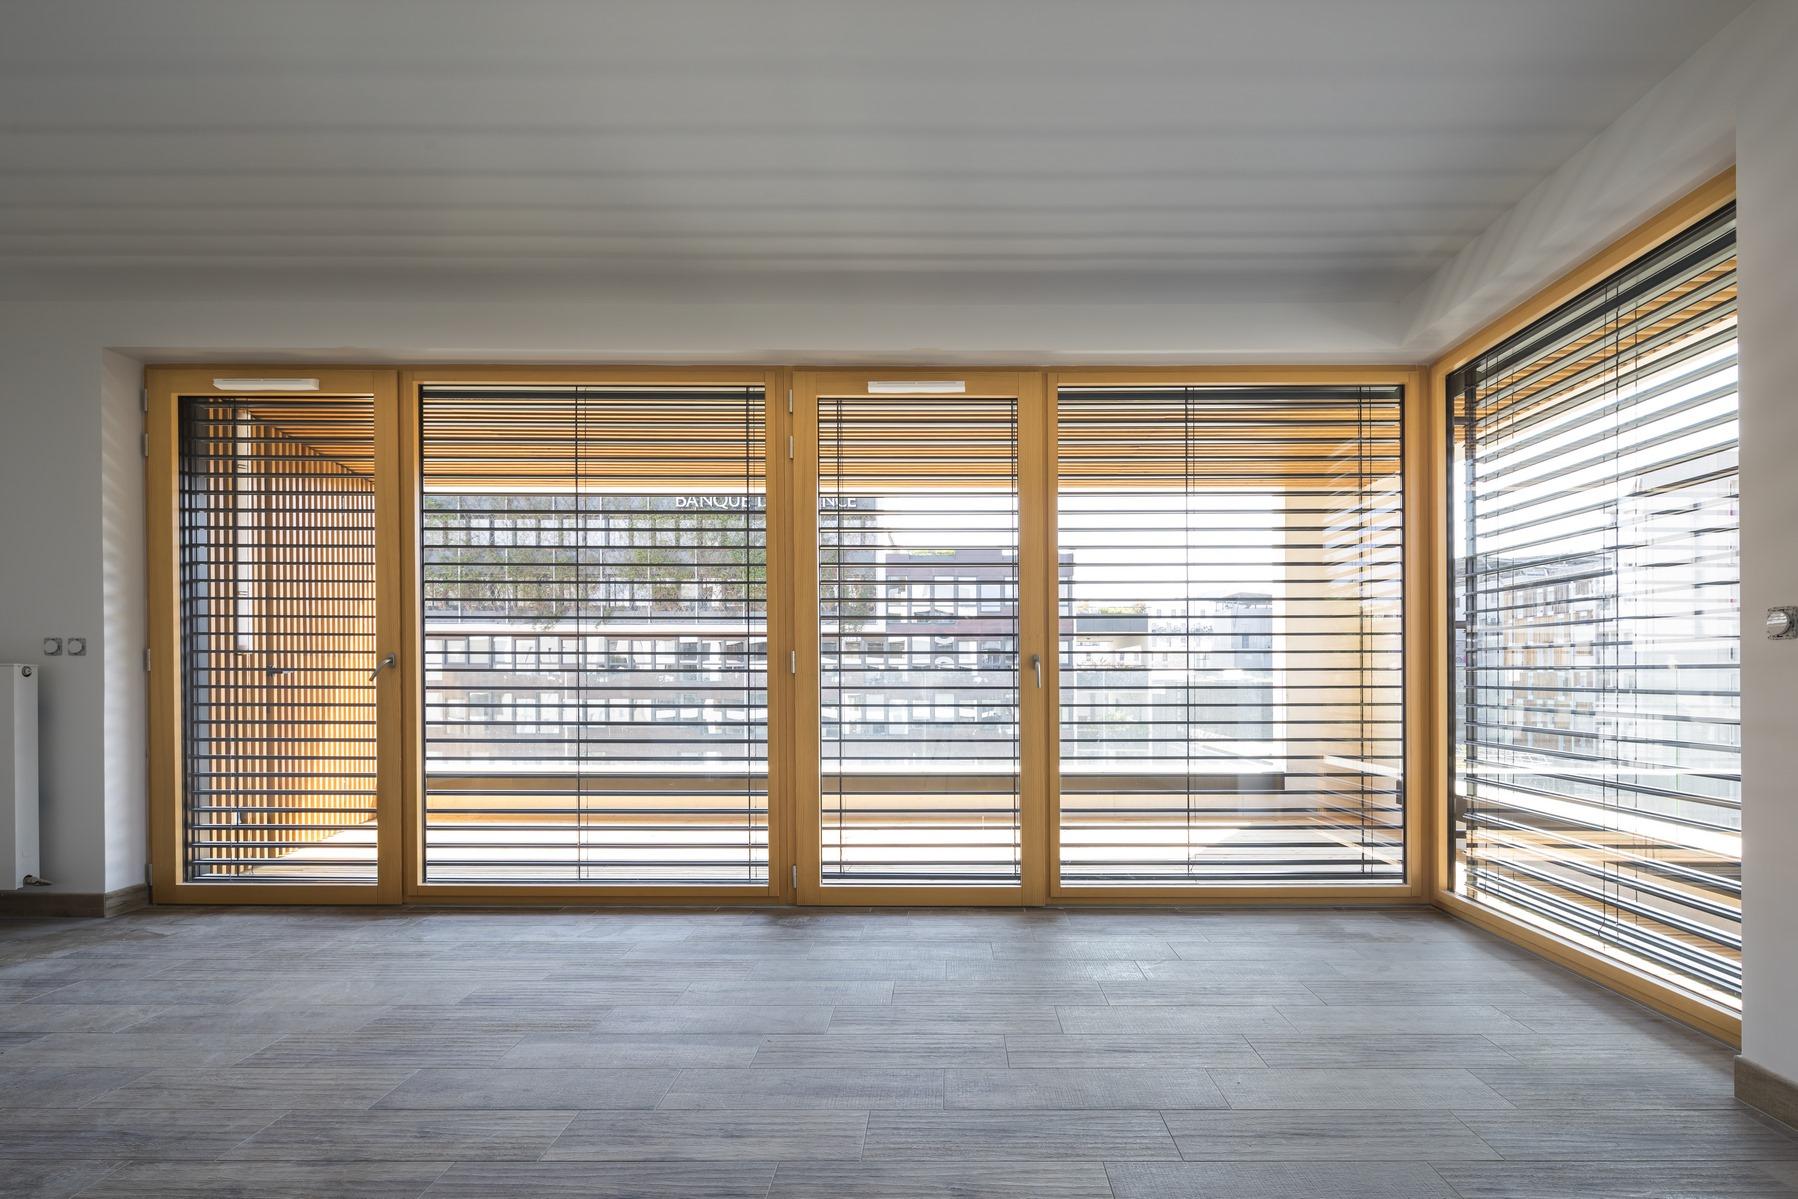 Ilot G / Les Loges de Saone - Lyon confluence : intérieur appartement- Z Architecture